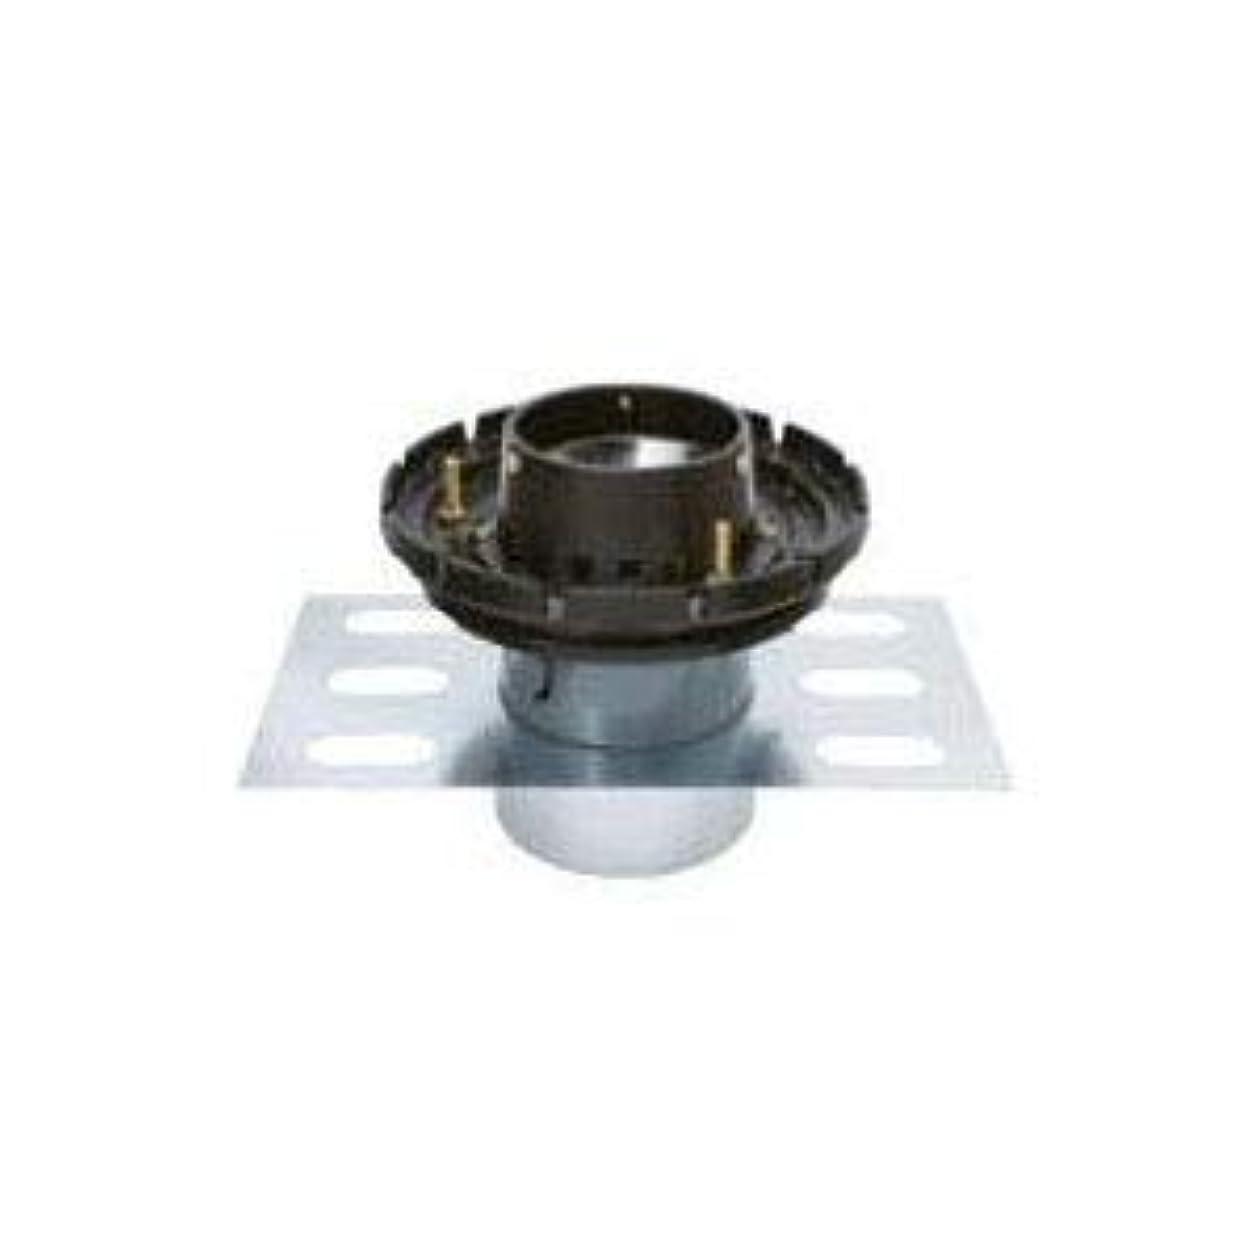 本体おシネウィカネソウ 鋳鉄製ルーフドレイン たて引き用(呼称50) ※メーカー直送代引不可 EDSJW-1-50